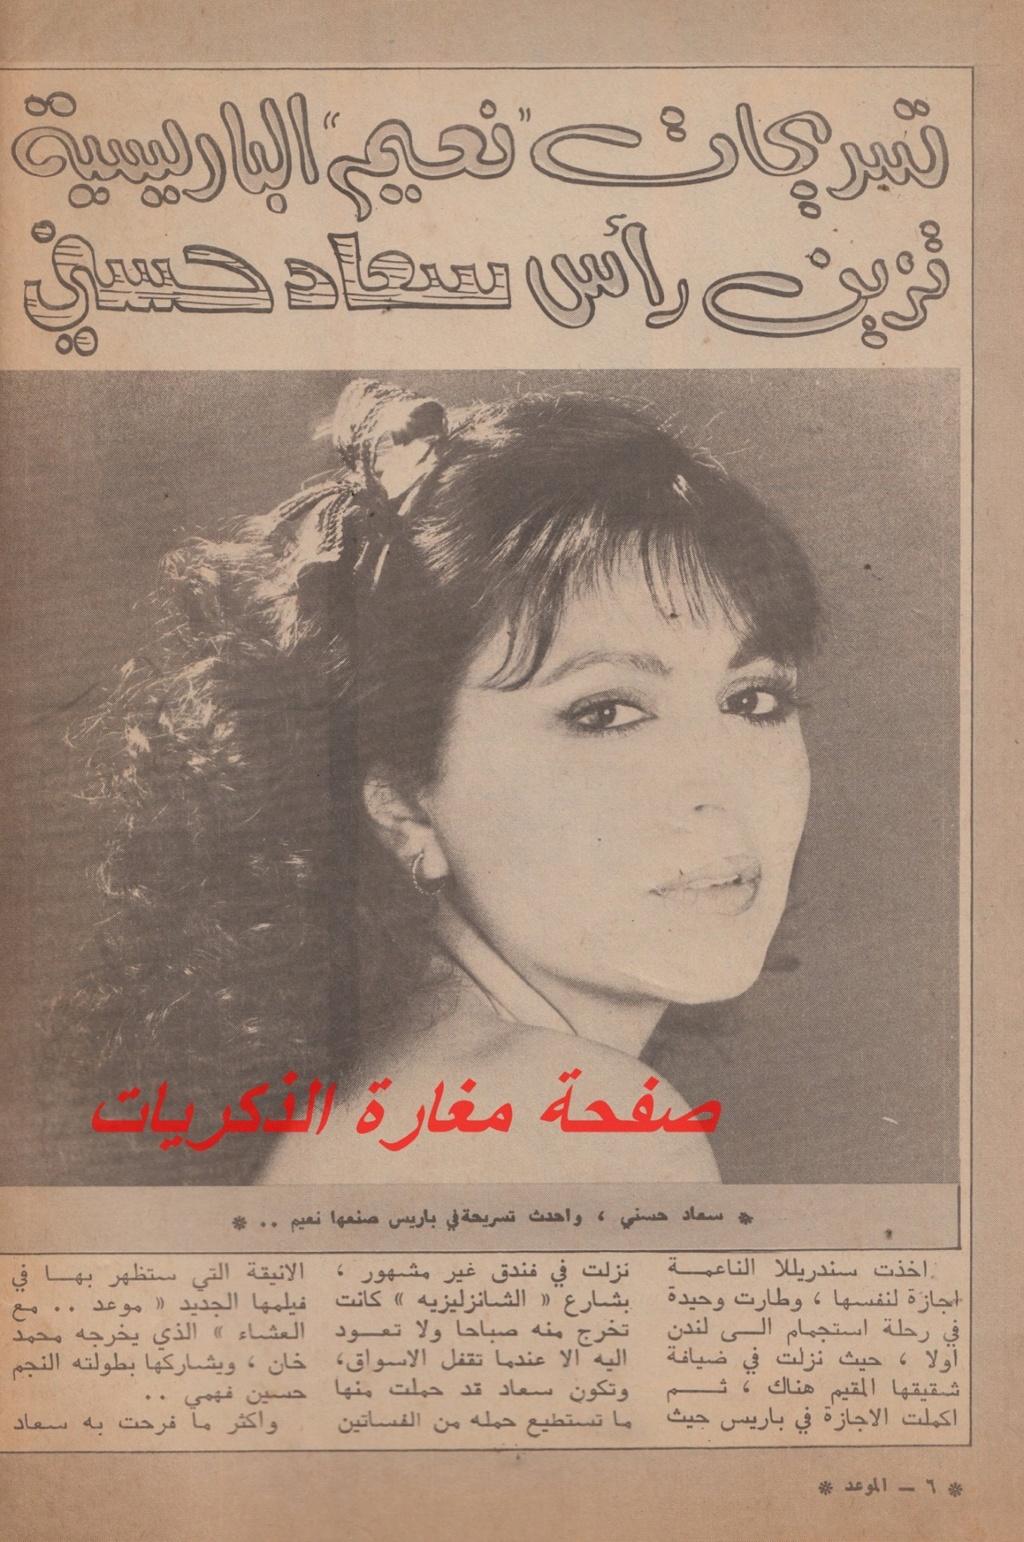 """خبر صحفي : تسريحات """"نعيم"""" الباريسية تزين رأس سعاد حسني 1981 م 1272"""